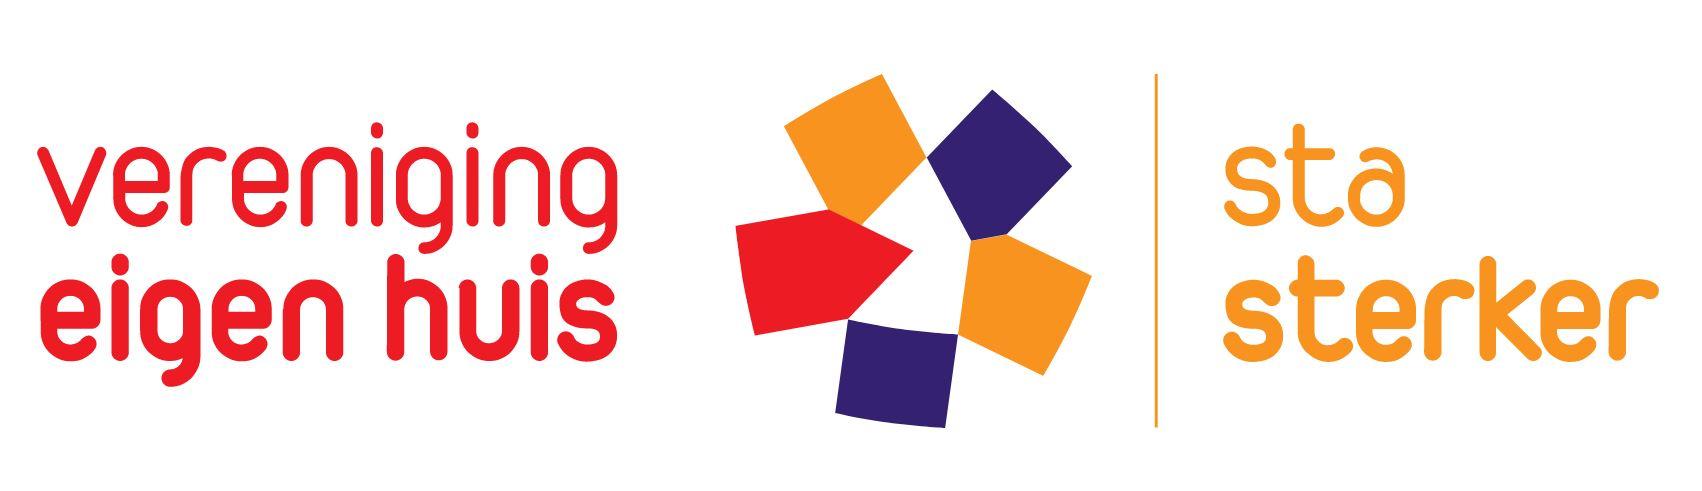 Vereniging Eigenhuis (Nl) Logo